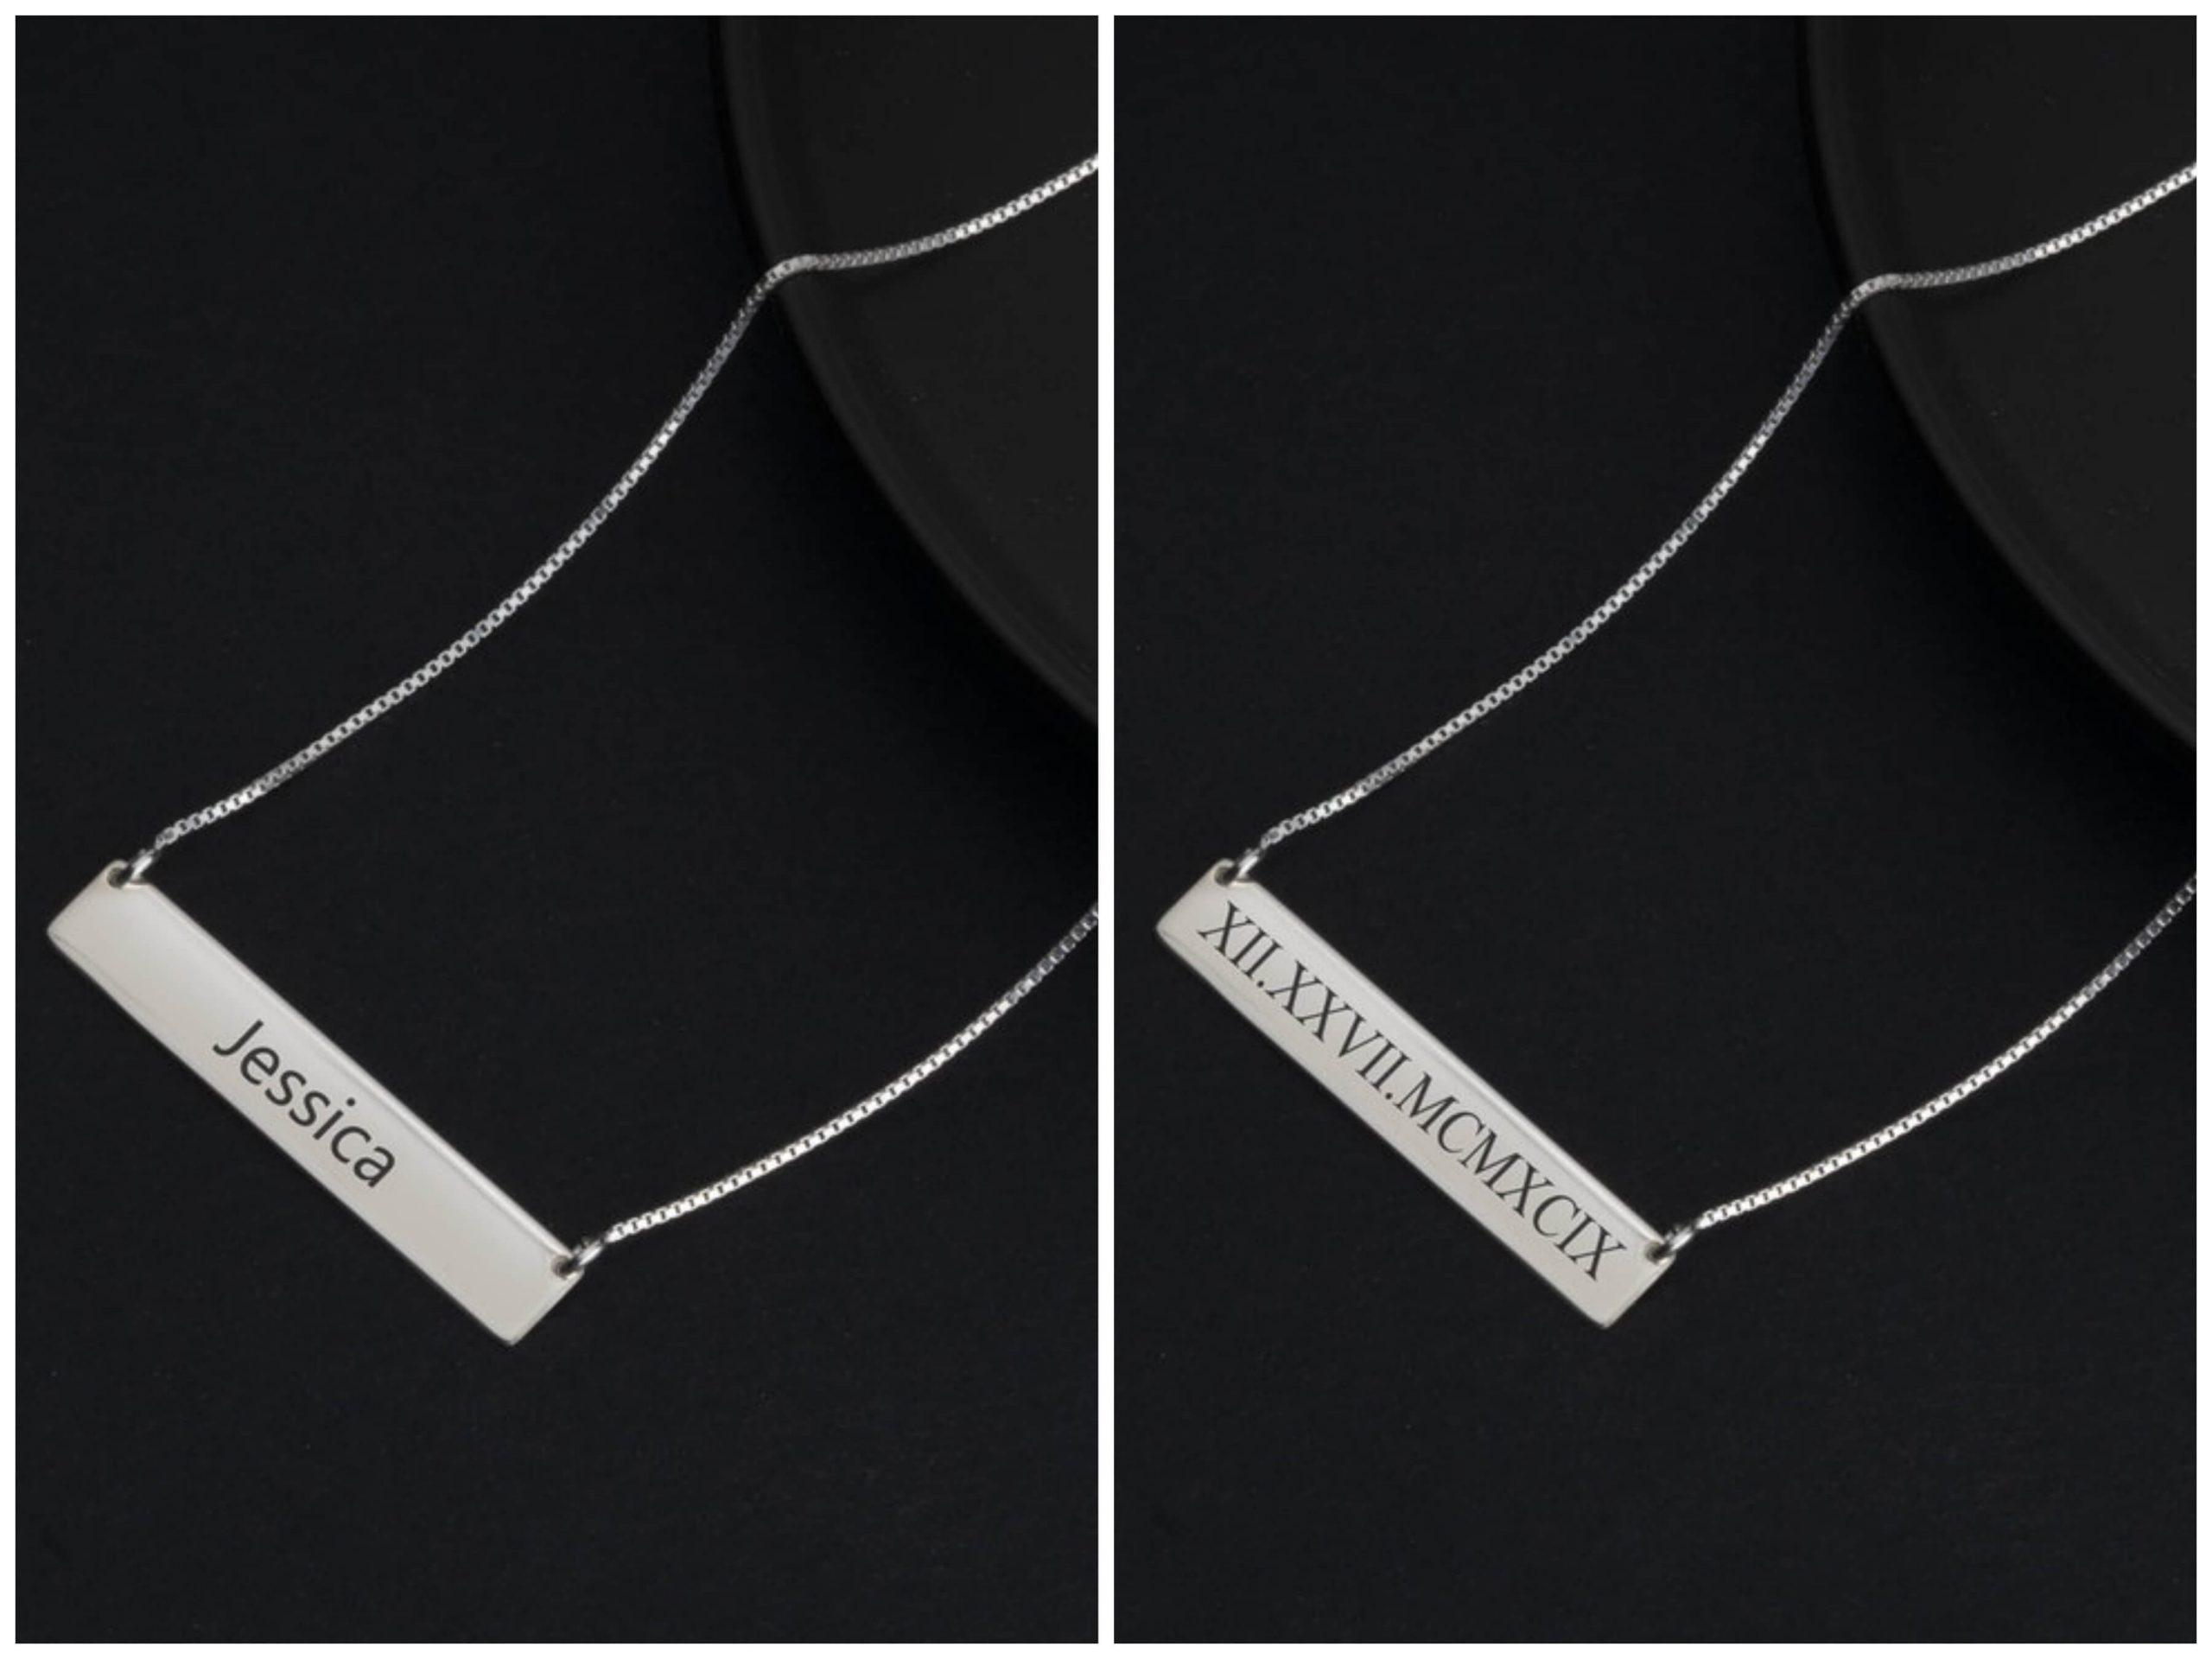 colgantes personalizados One necklace